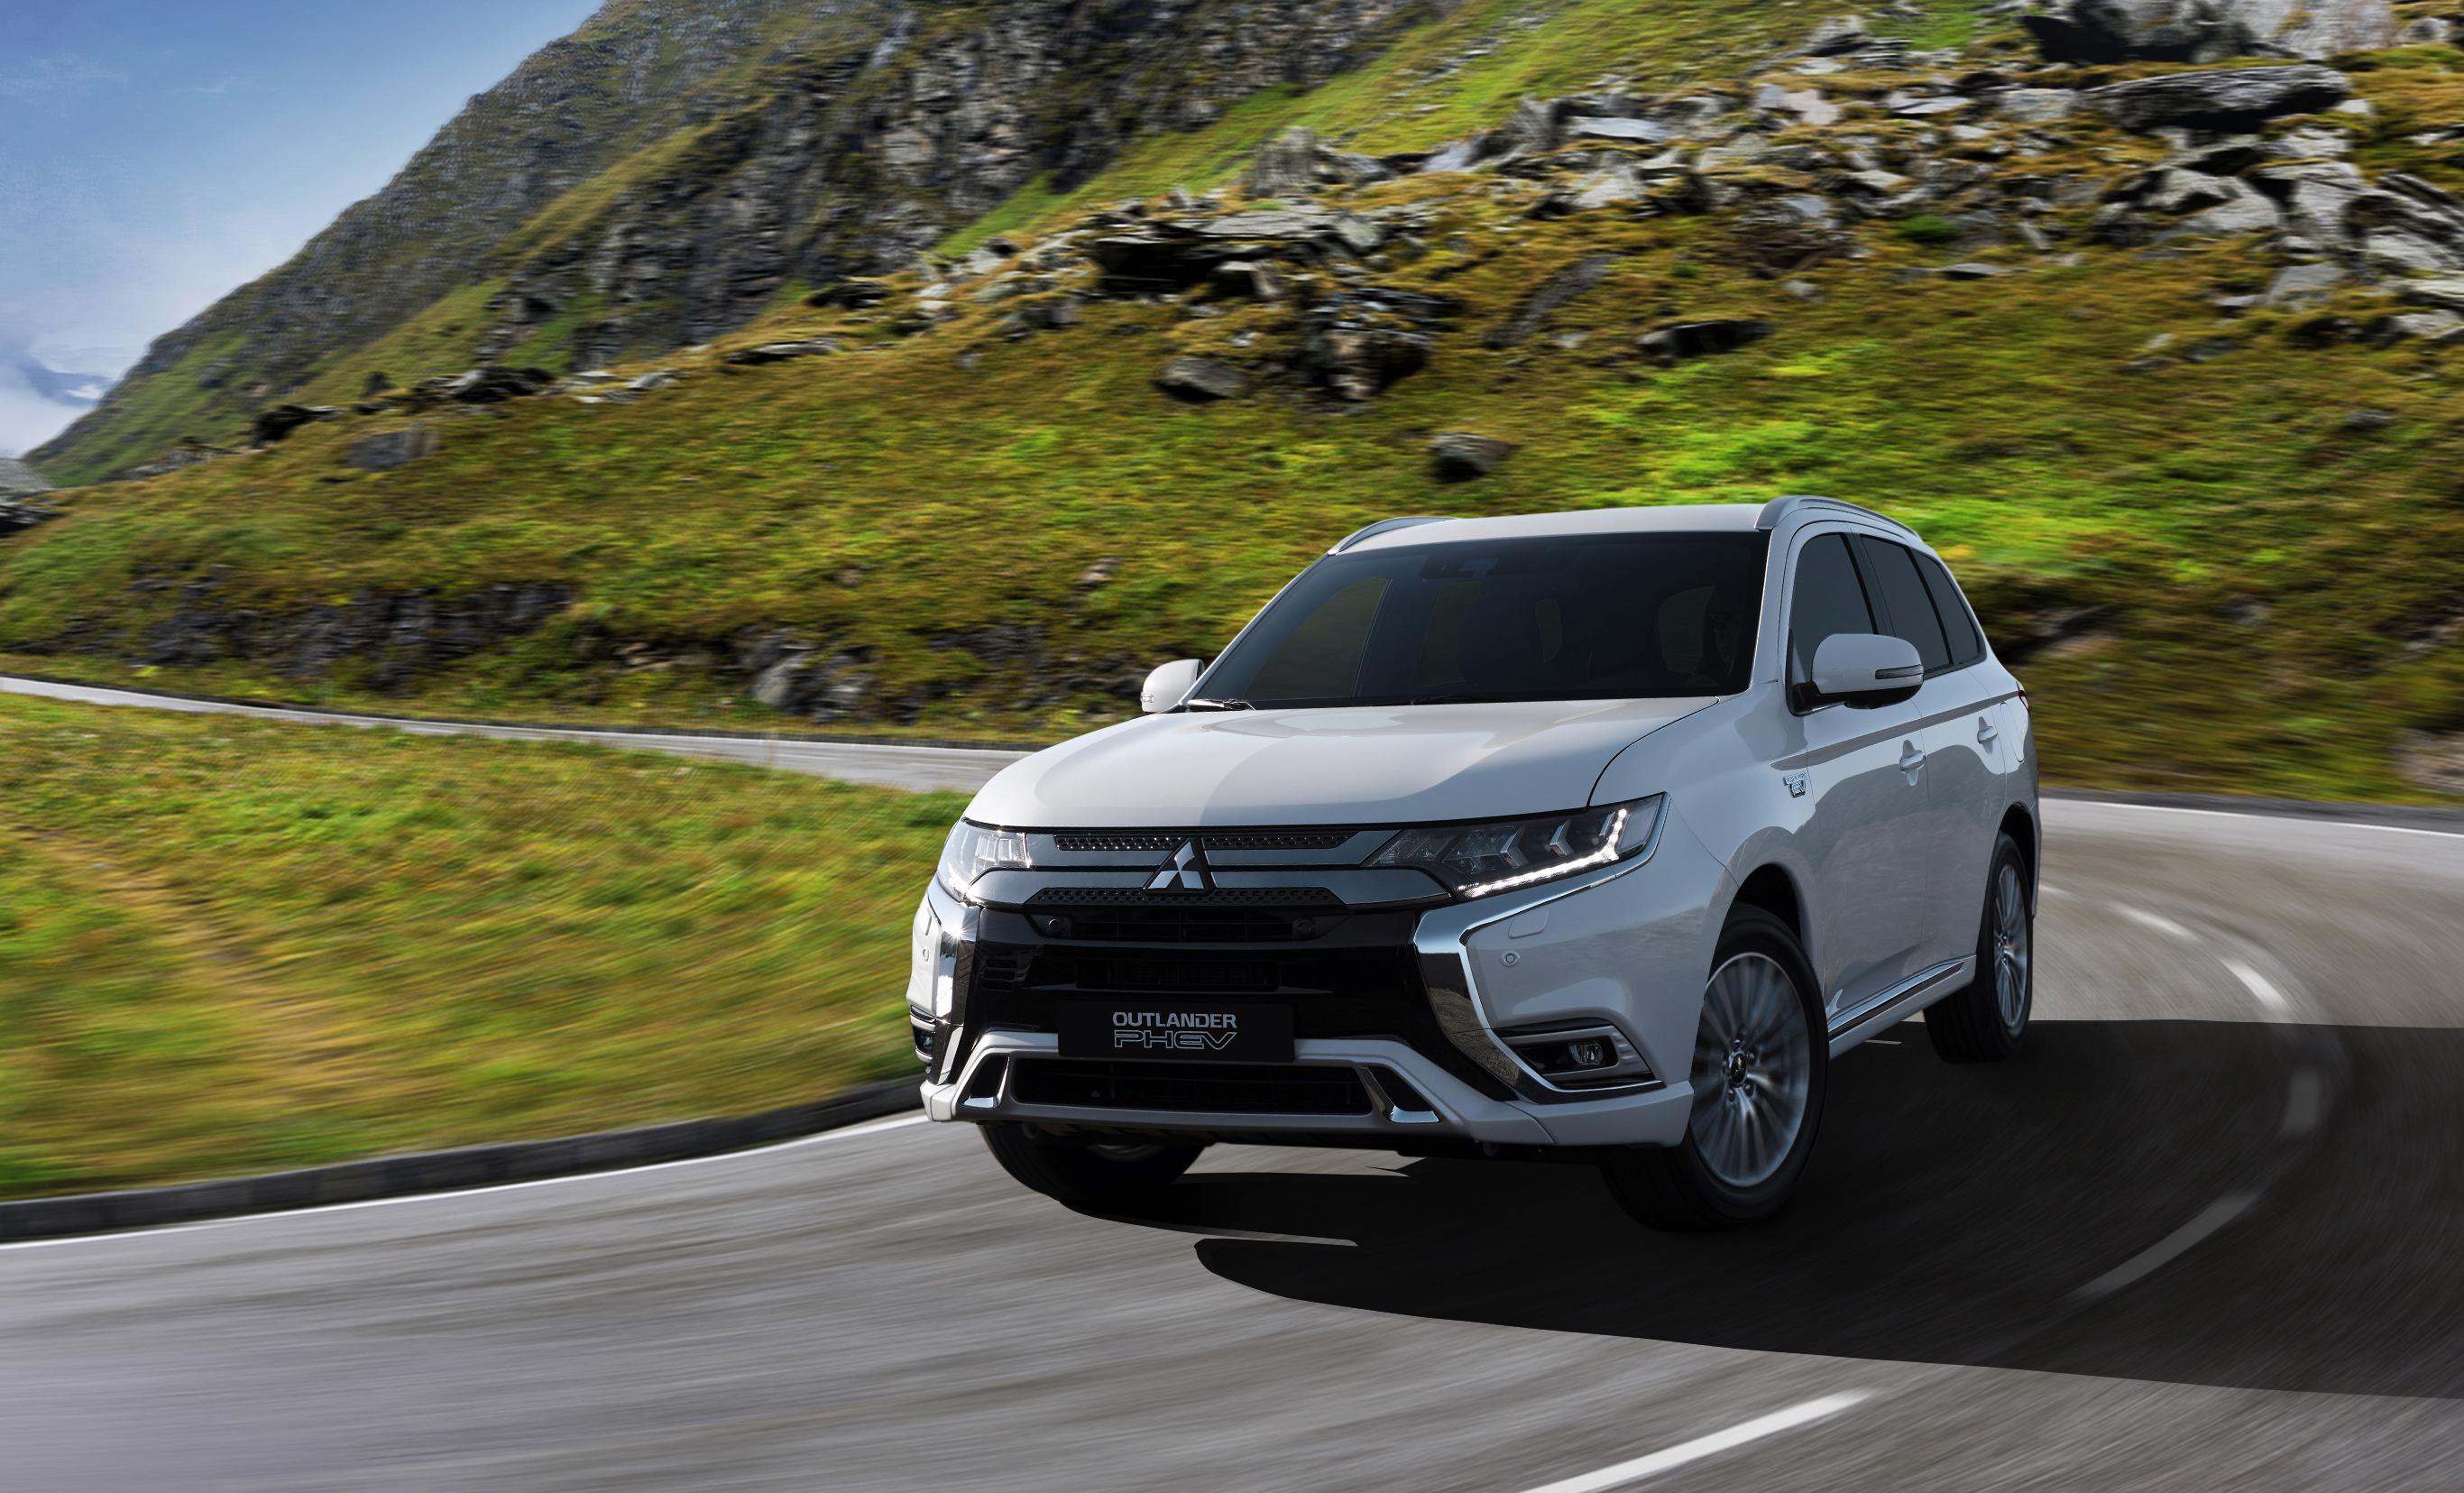 2019 Mitsubishi Outlander PHEV.